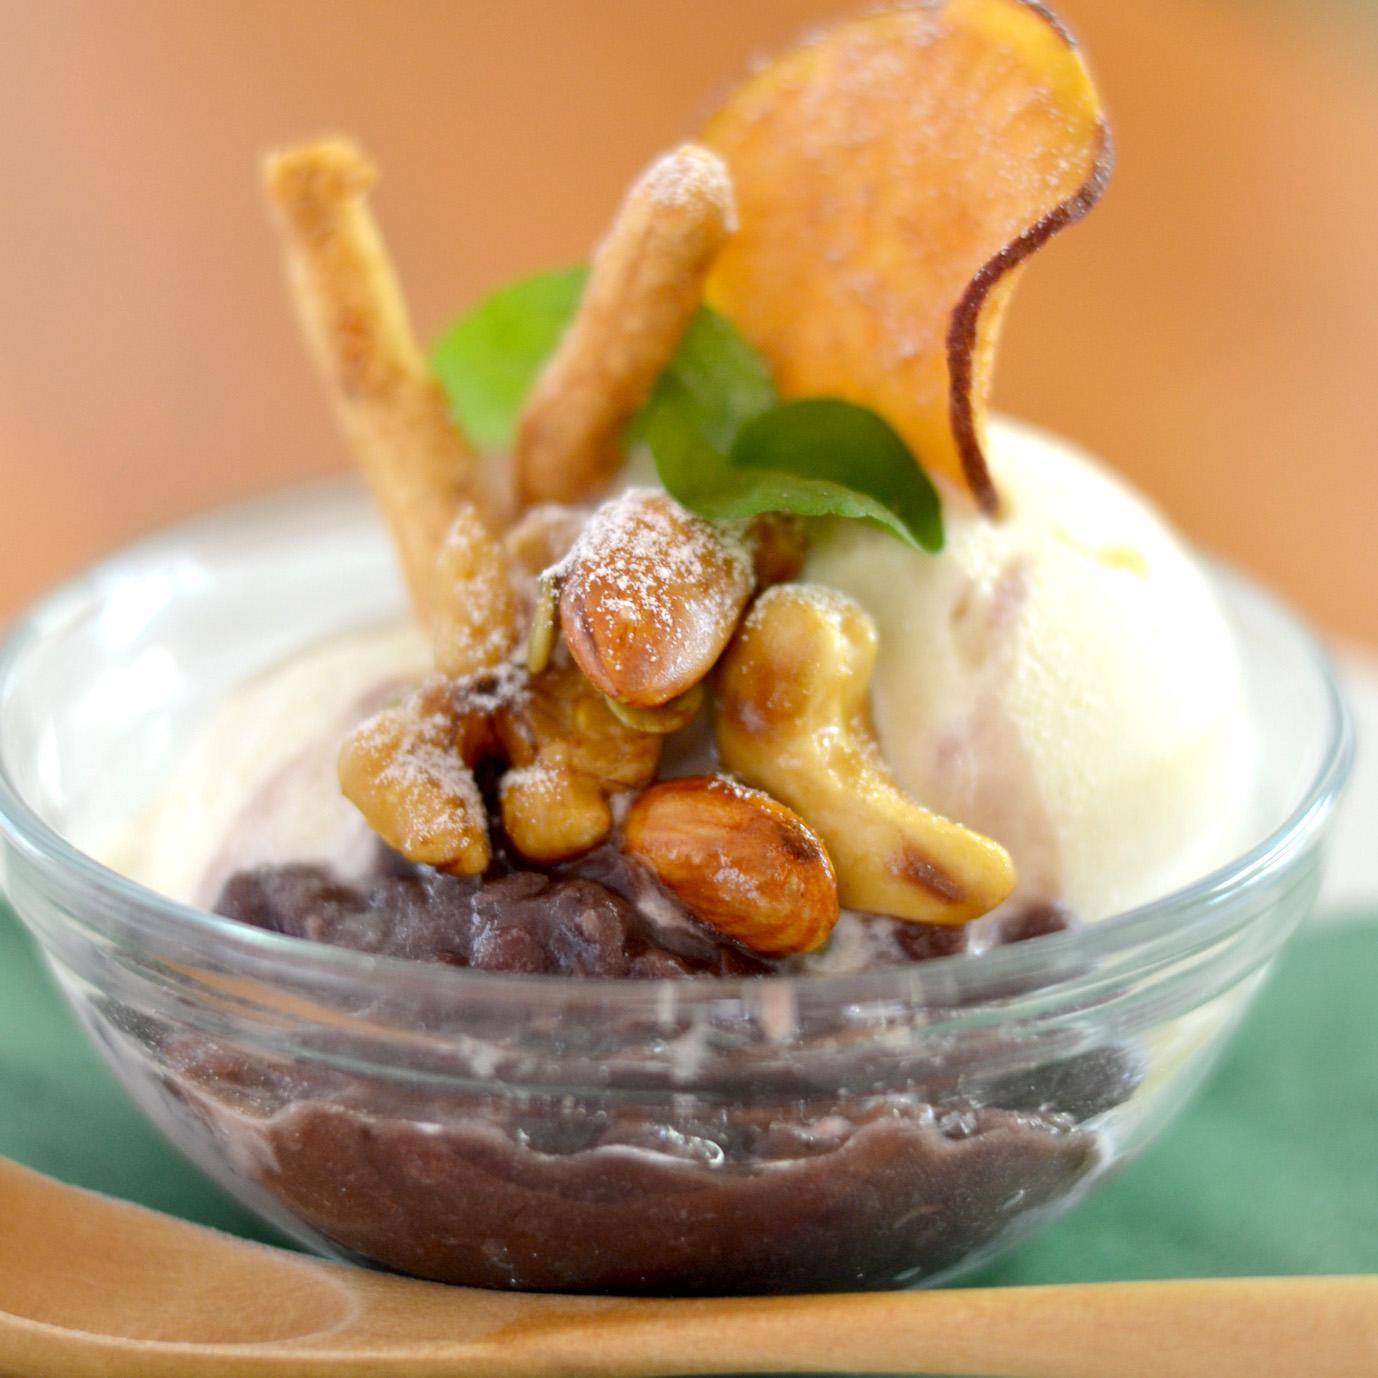 マクロビアンコと木の実の豆乳バニラアイス